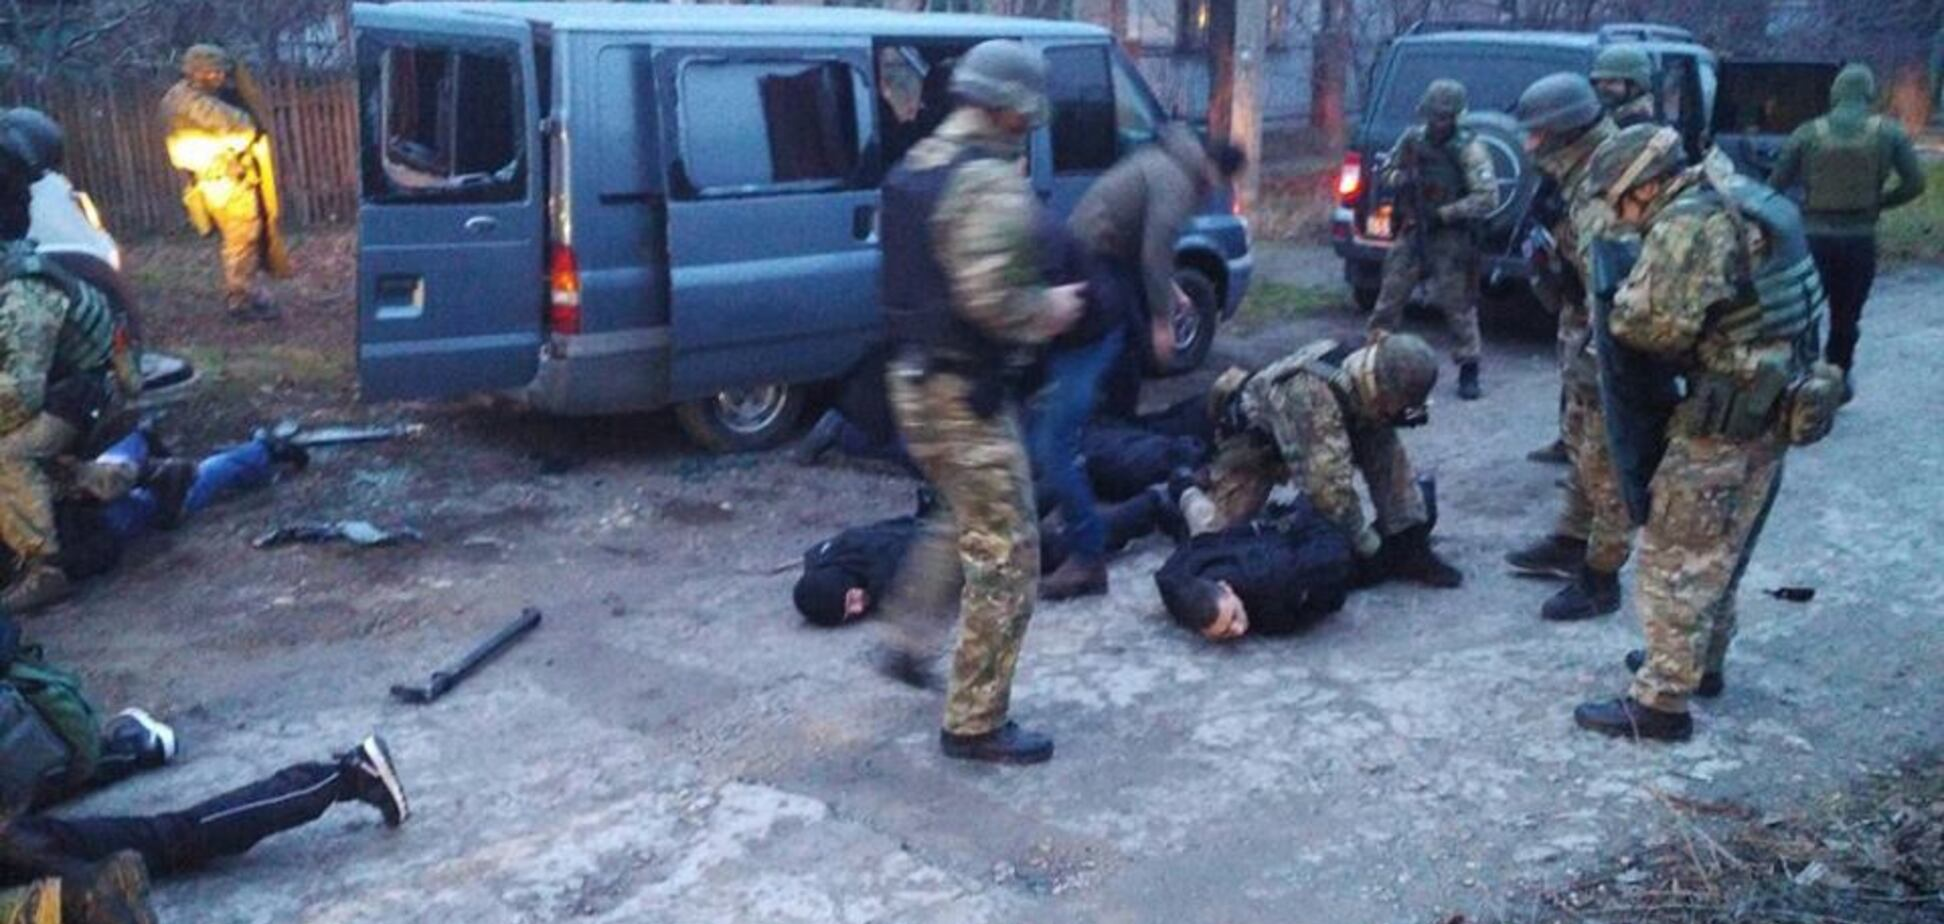 Были с оружием и в форме полиции: банду воров в 'погонах' поймали в Запорожье